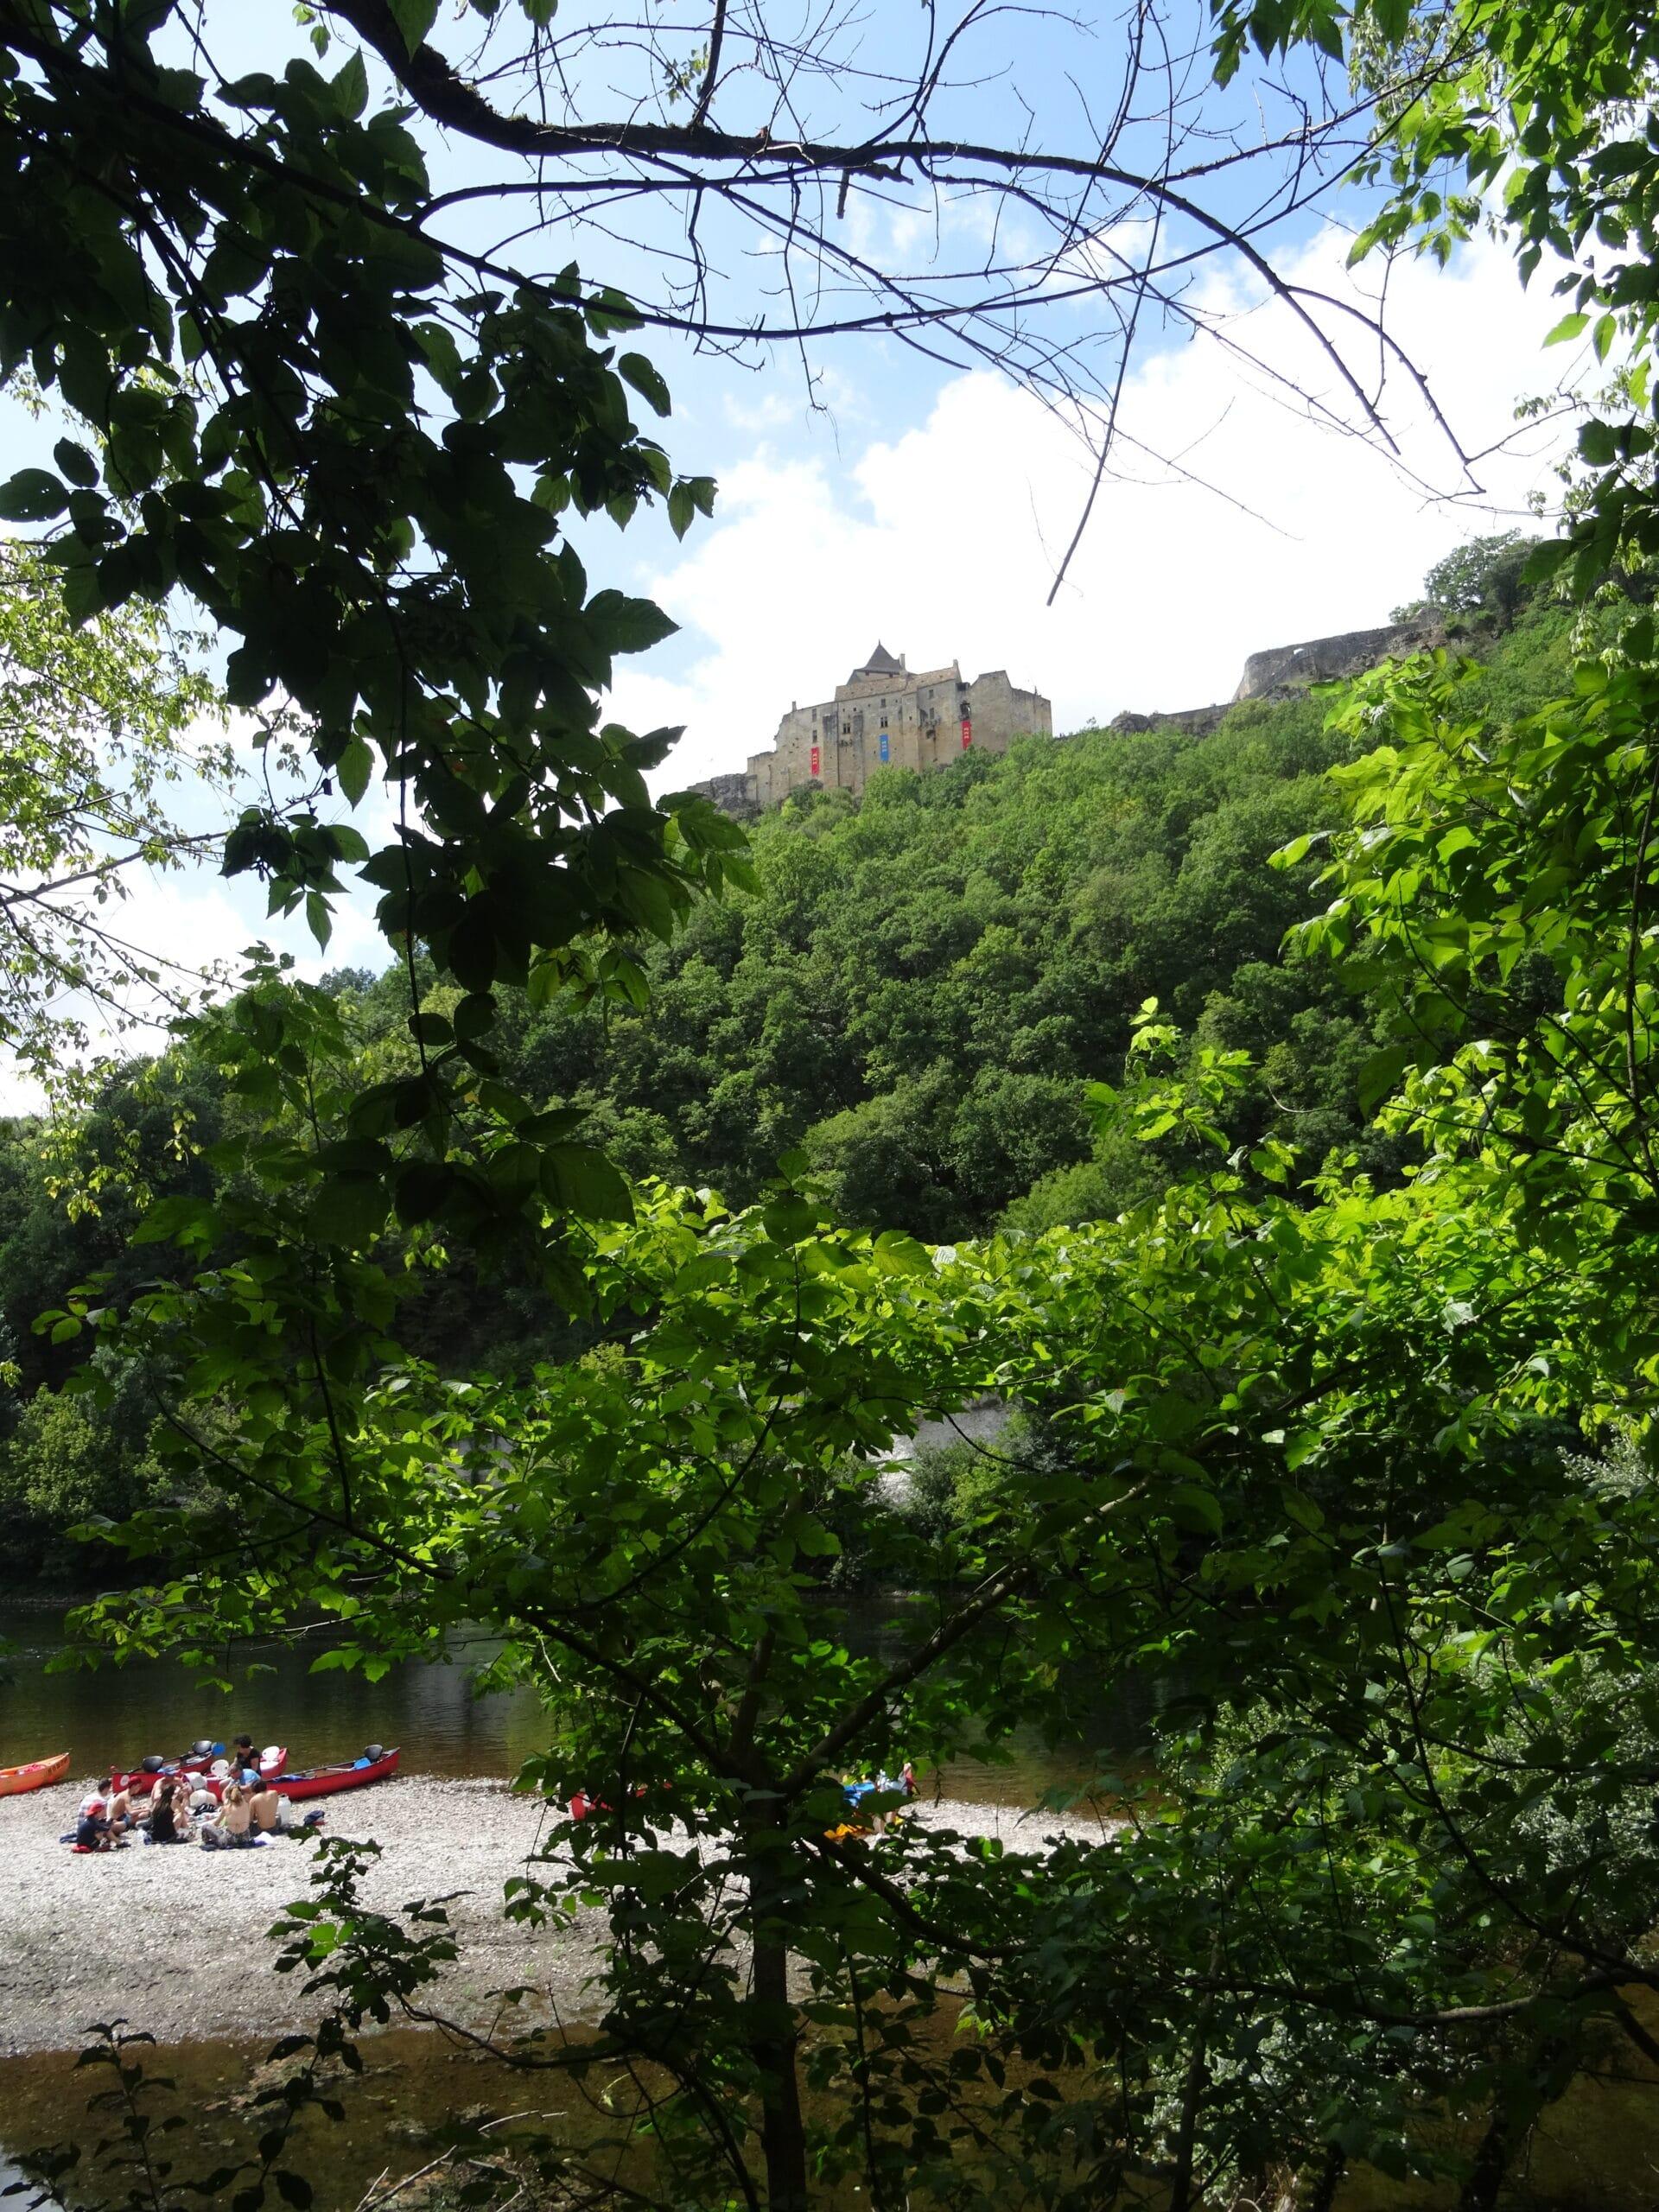 Vue sur le château de Castelnaud à travers la végétation sur les rives de la Dordogne